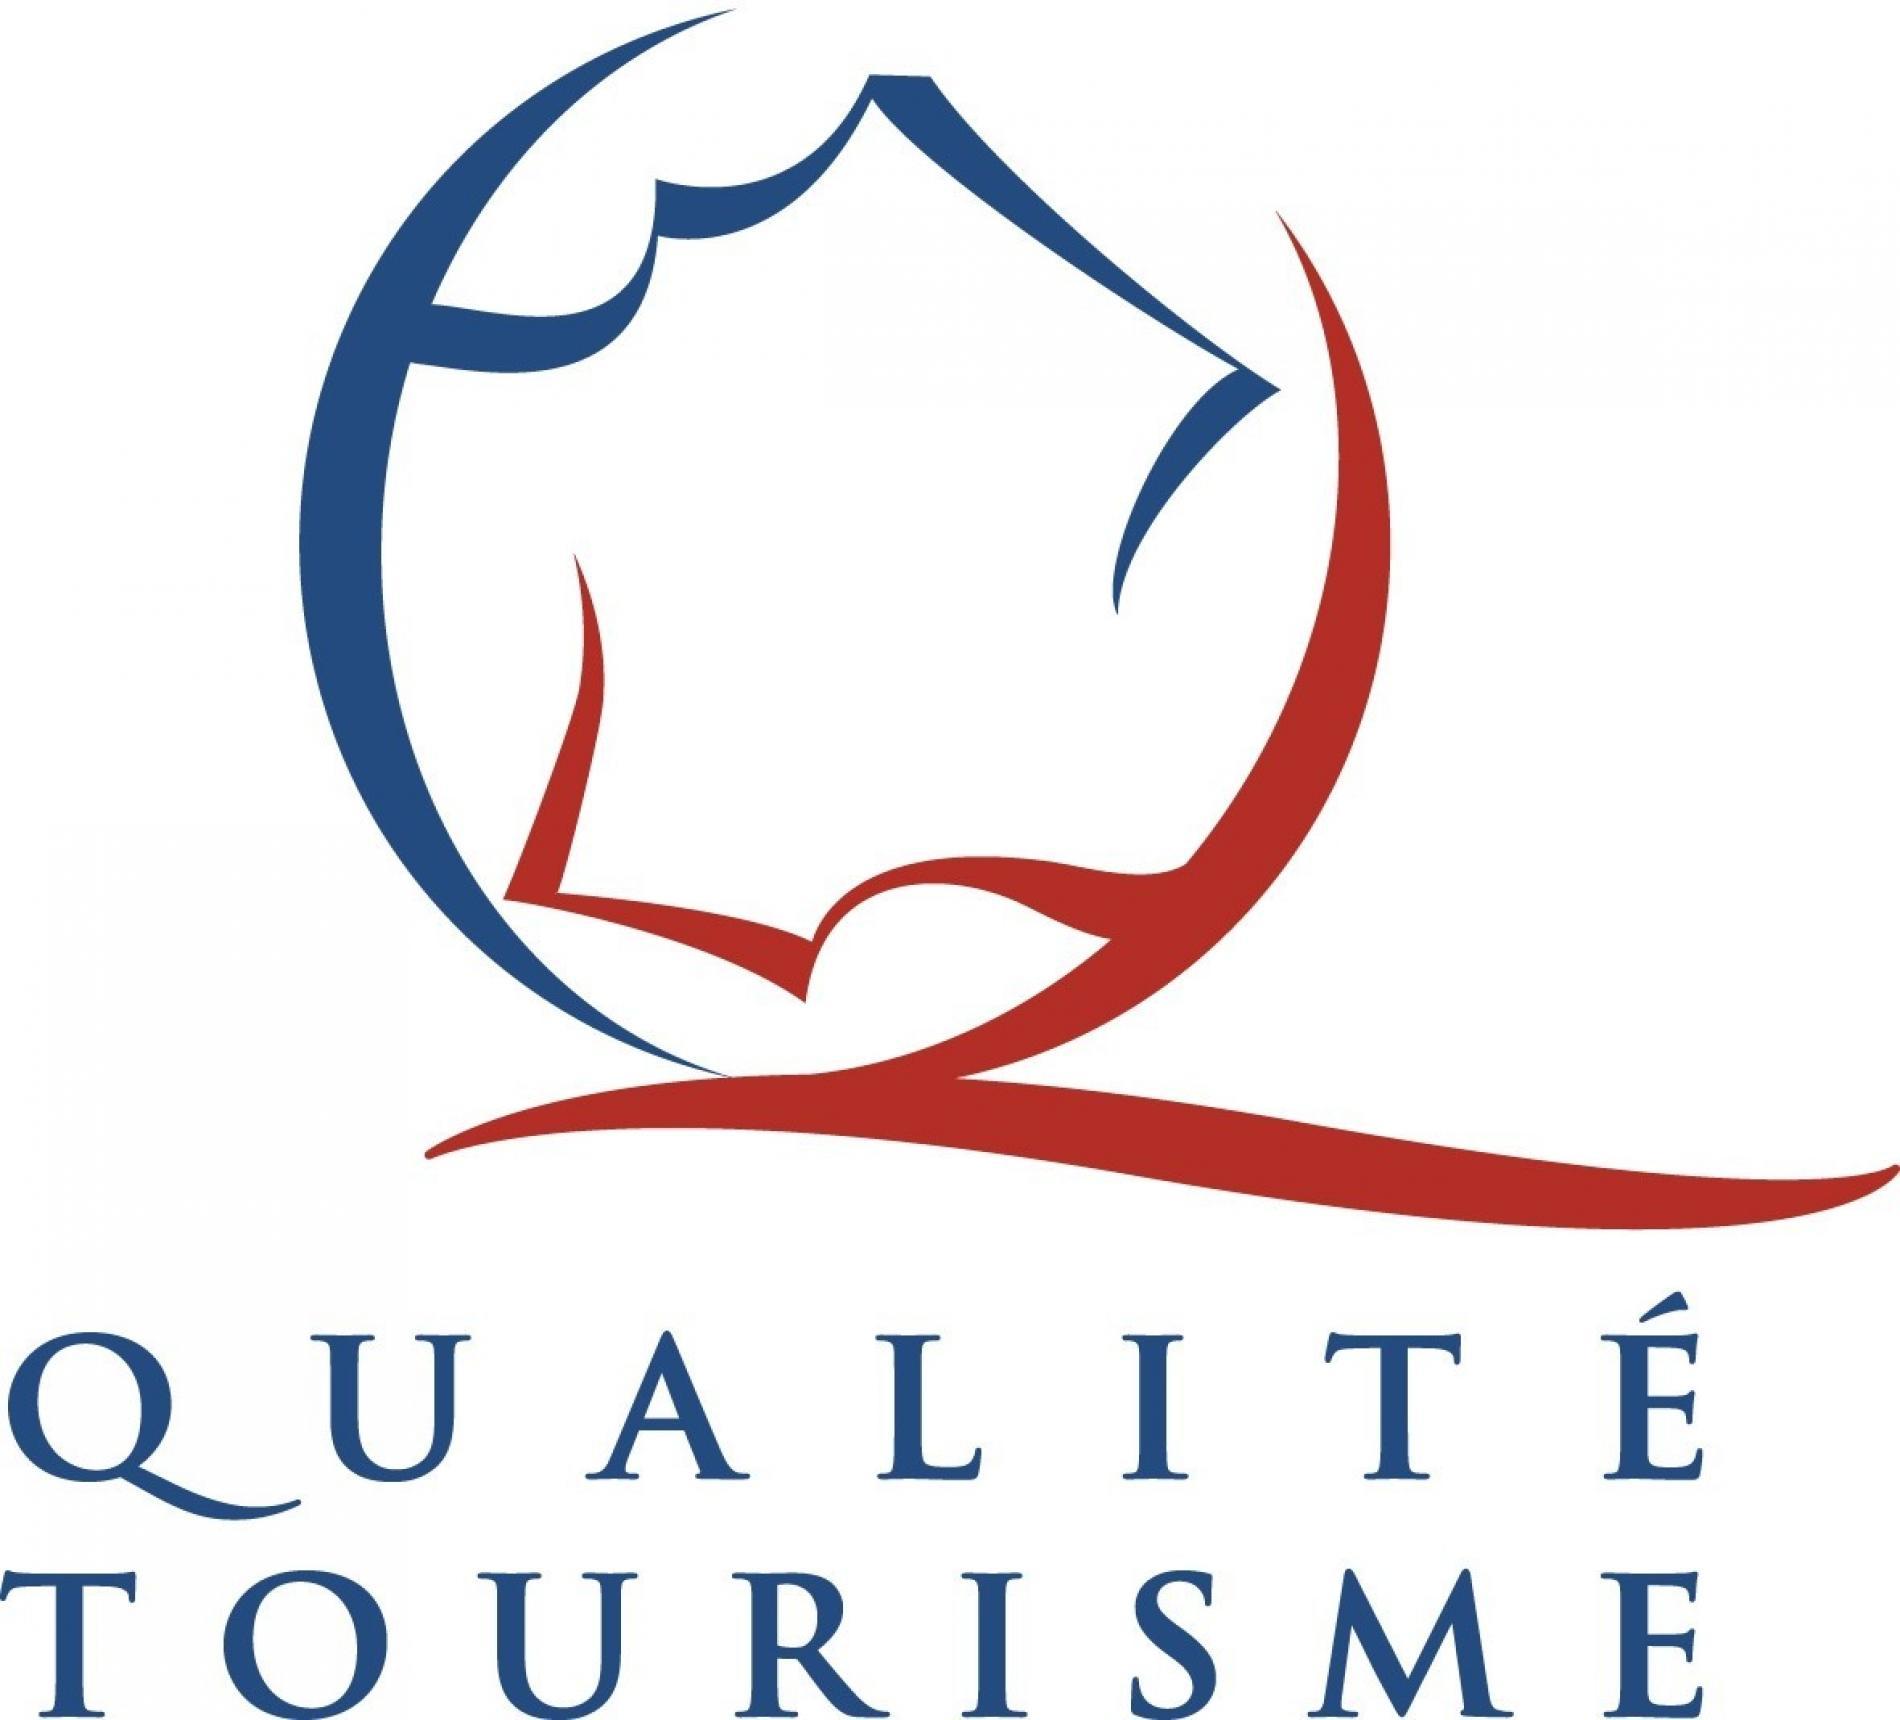 Hotel Qualité tourisme à Biscarrosse